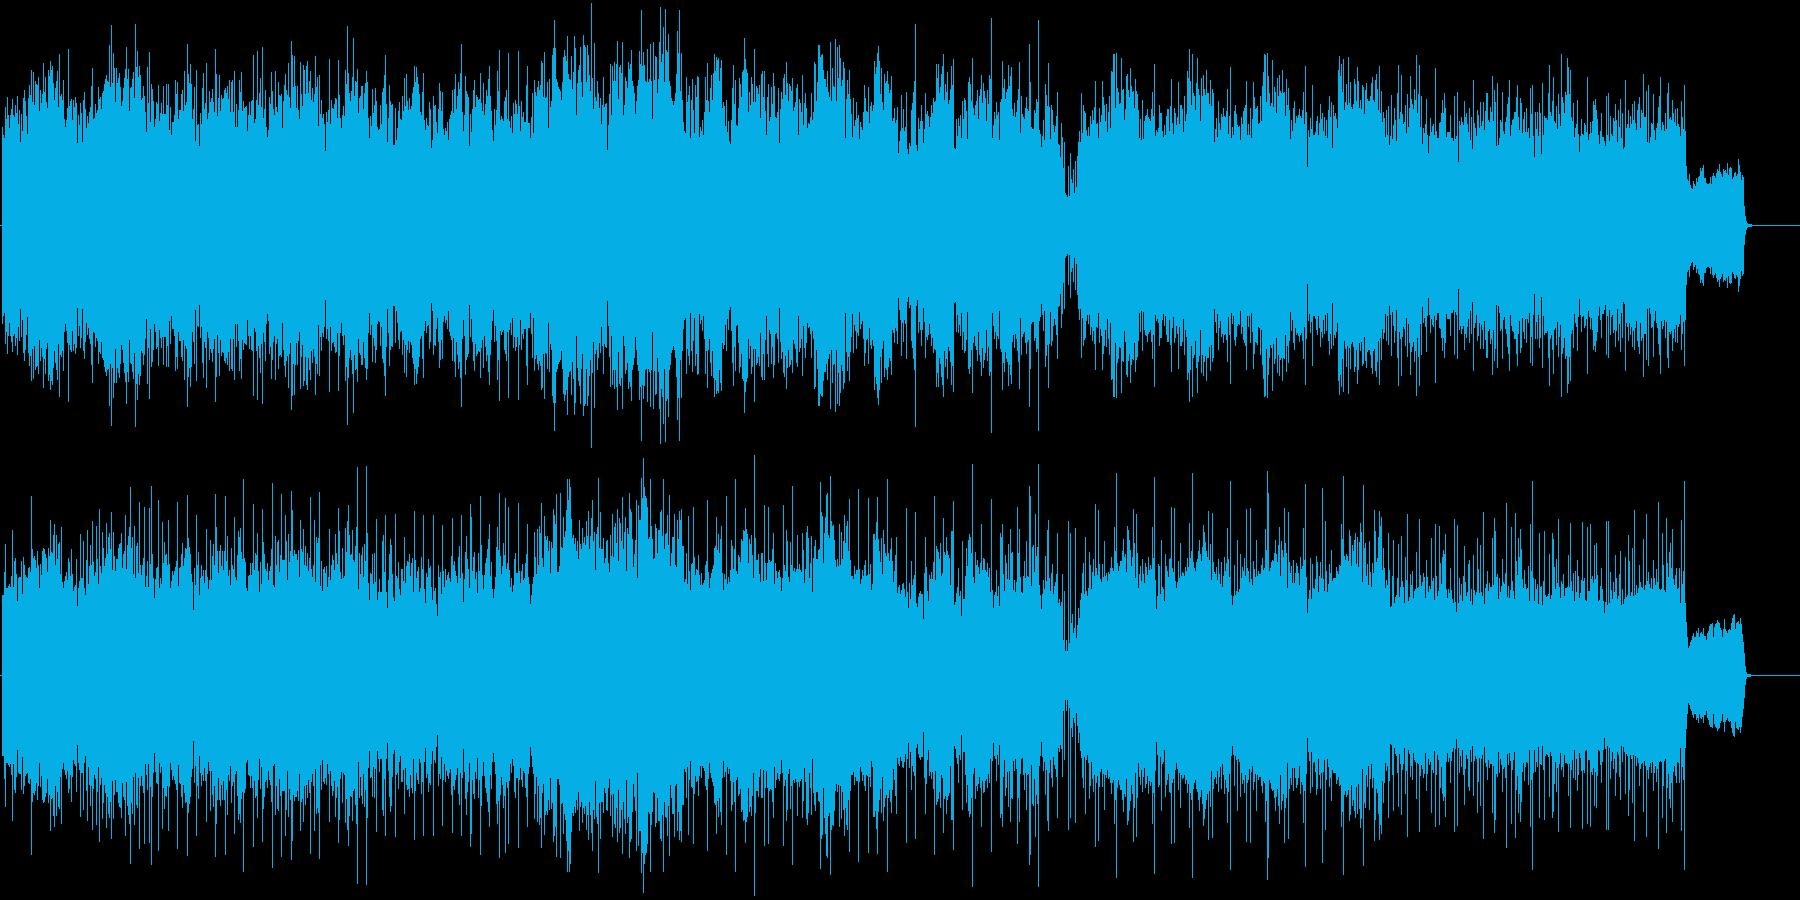 優しい尺八の音色と壮大なストリングスの曲の再生済みの波形